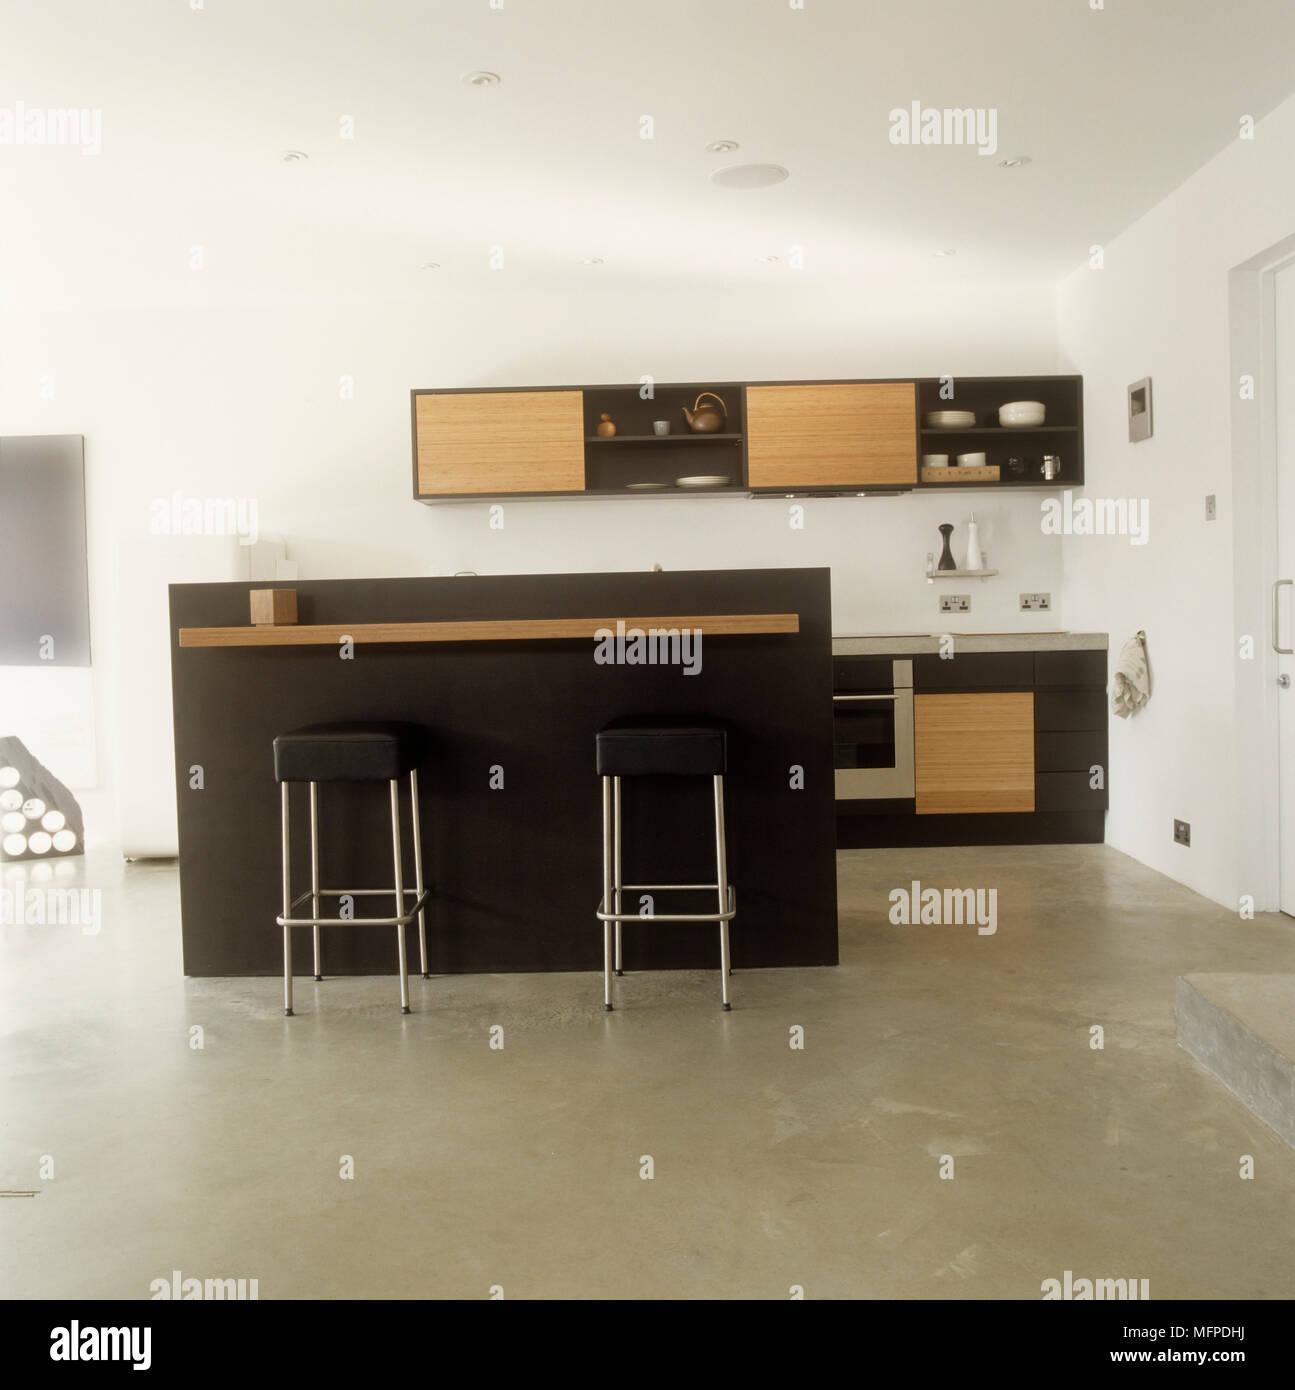 Tolle Küche Umbau San Antonio Tx Fotos - Ideen Für Die Küche ...